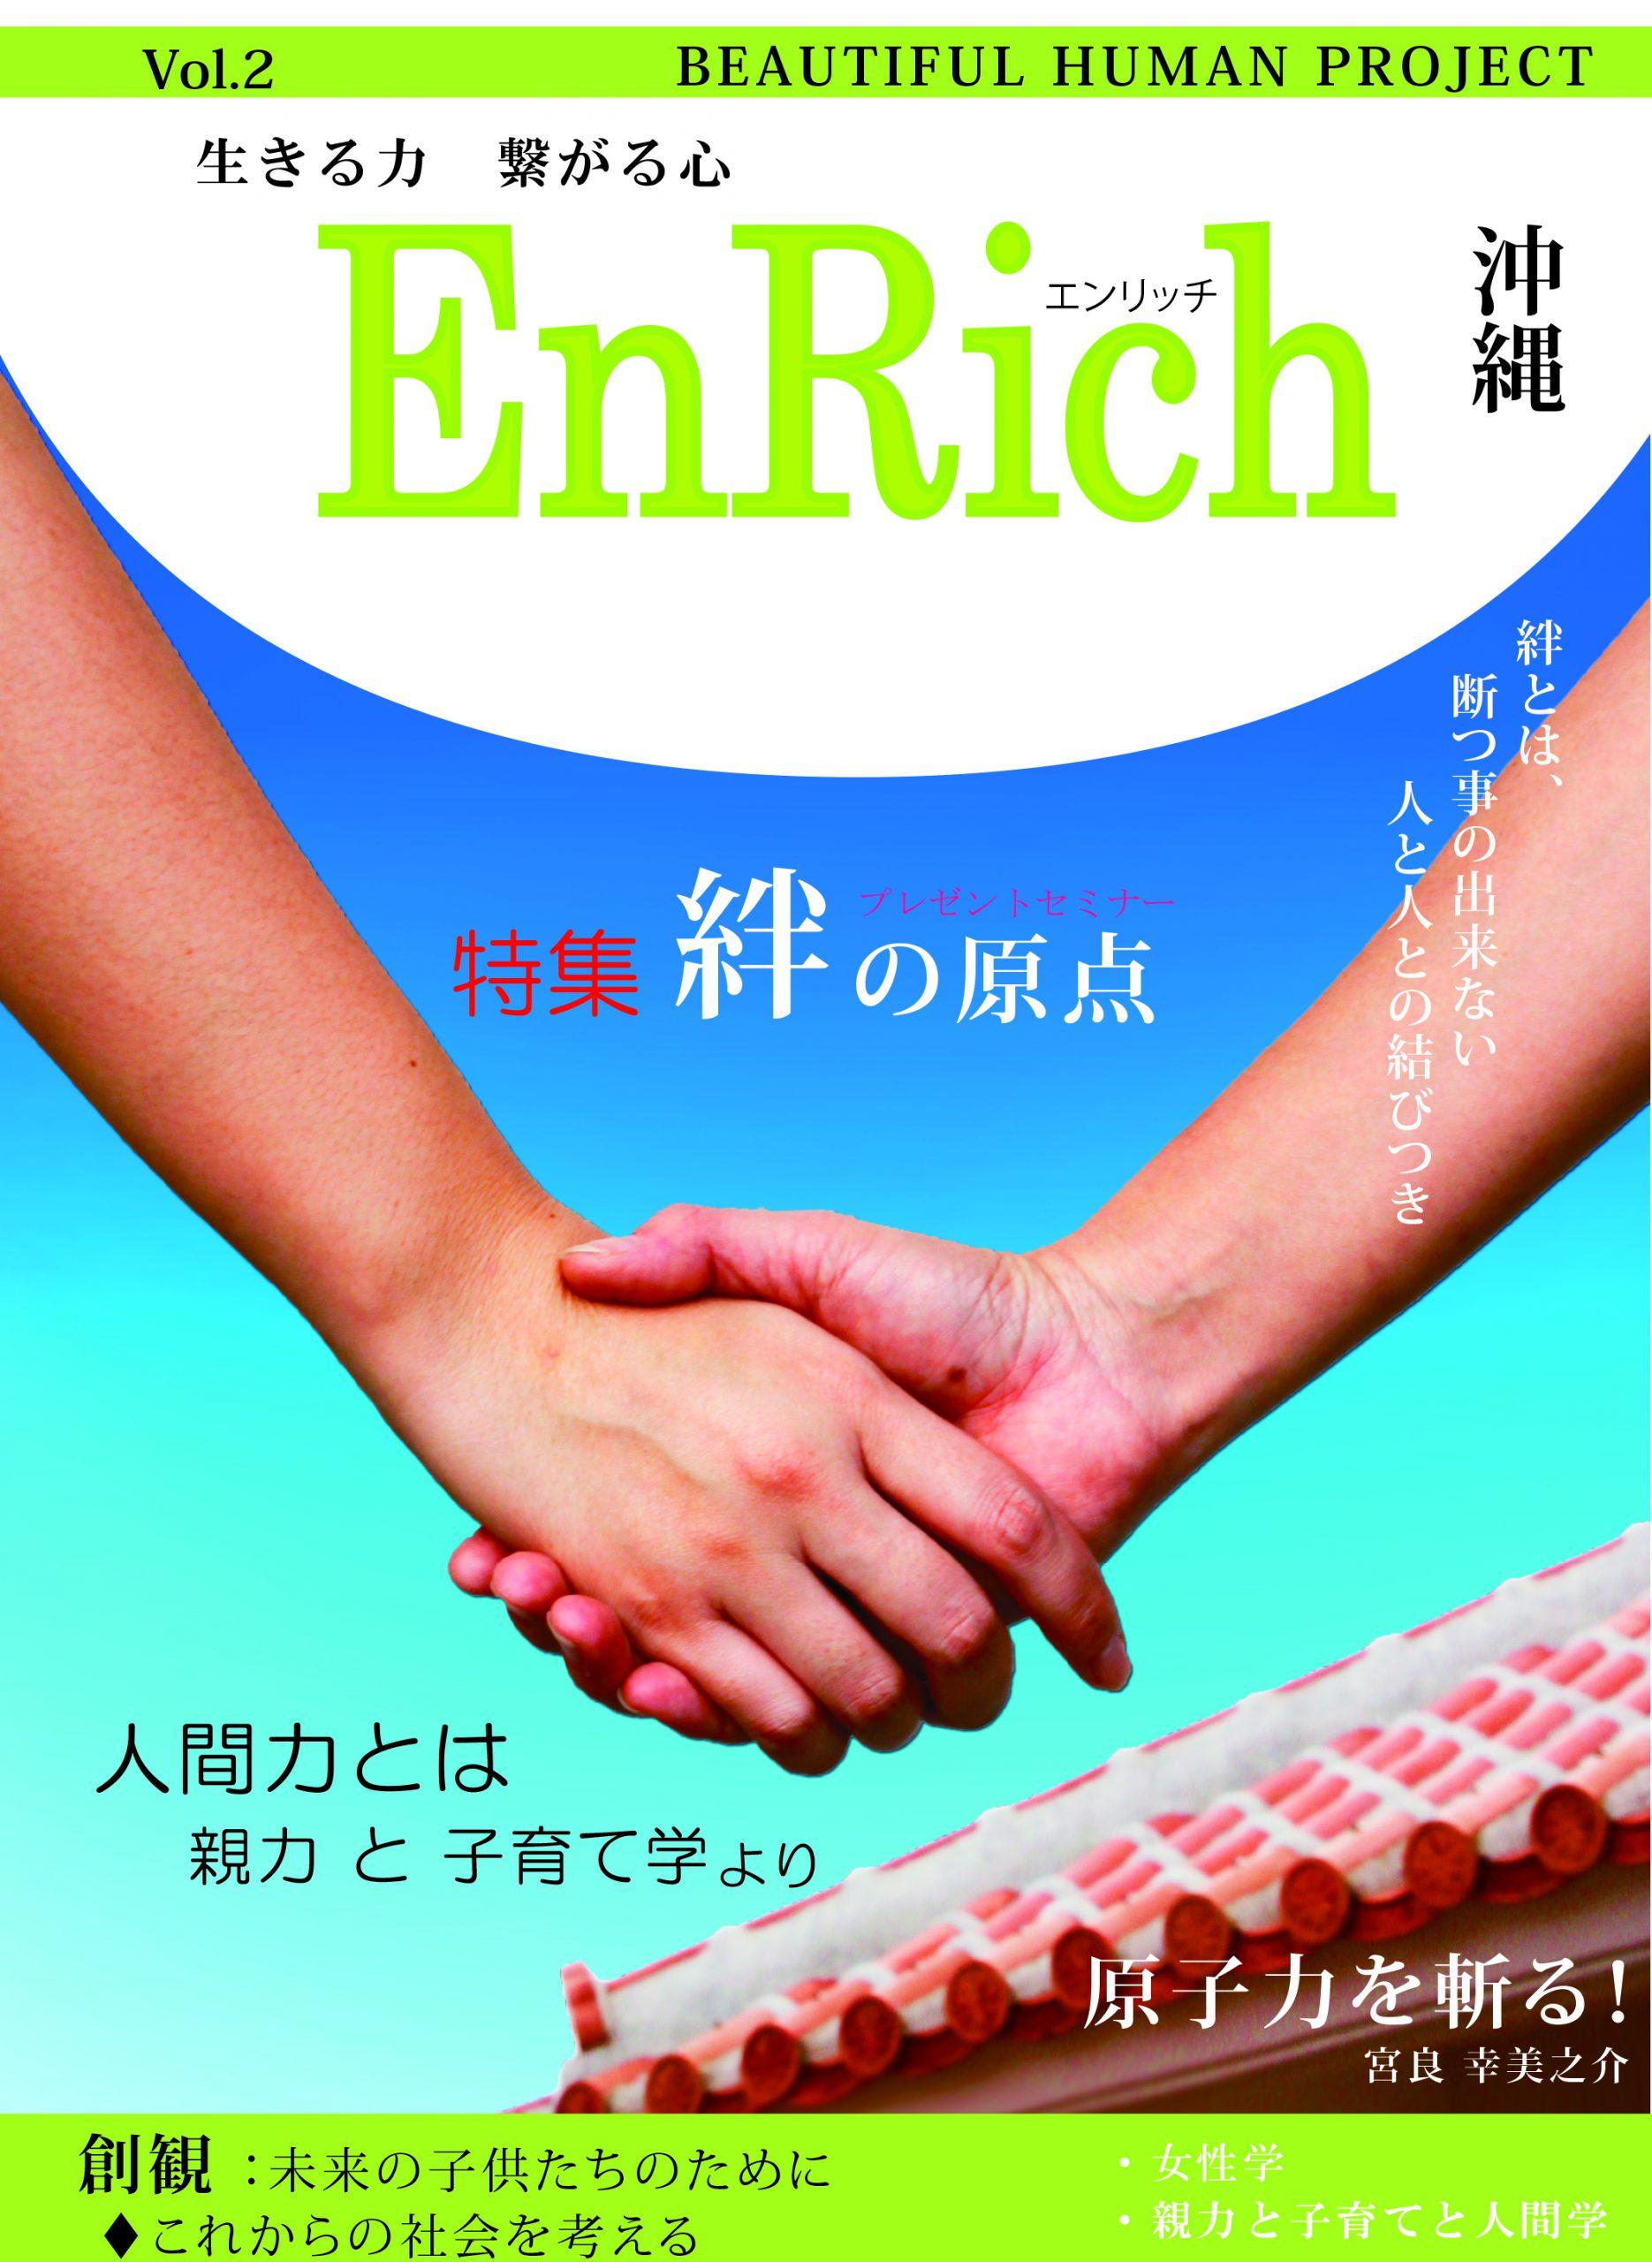 EnRich2号 「やーなれーぬ ふかなれー」新聞5号と併せて‼️